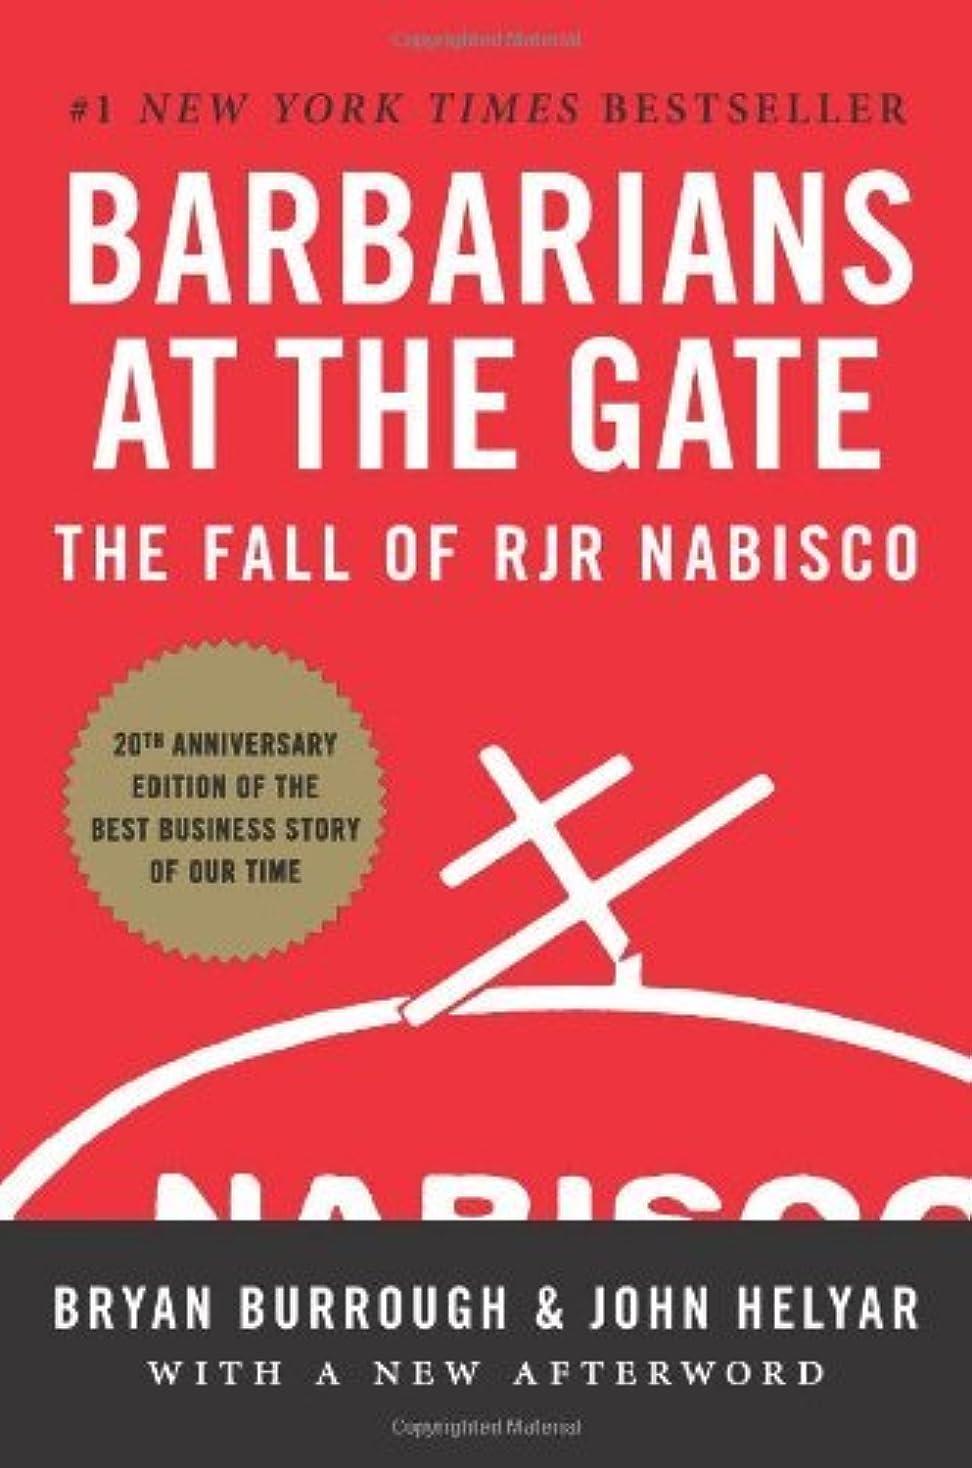 泥棒寄生虫擬人化Barbarians at the Gate: The Fall of RJR Nabisco (English Edition)